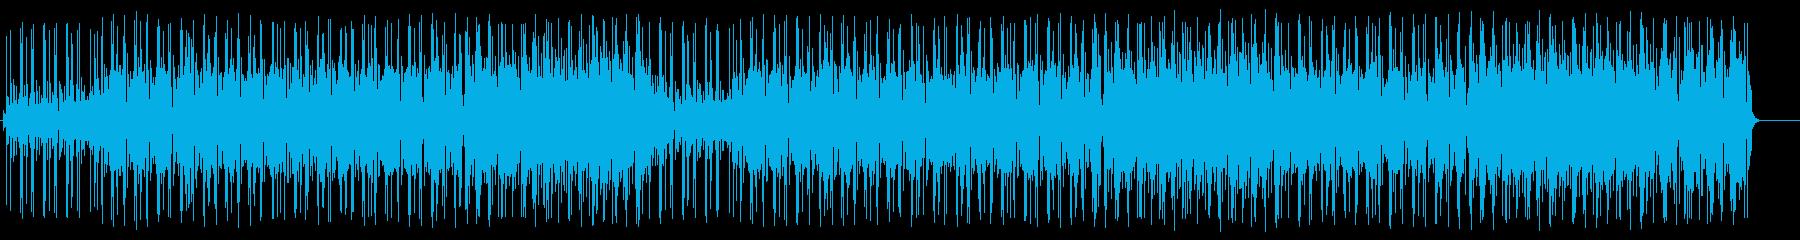 化学実験を観察するポップ(フルサイズ)の再生済みの波形